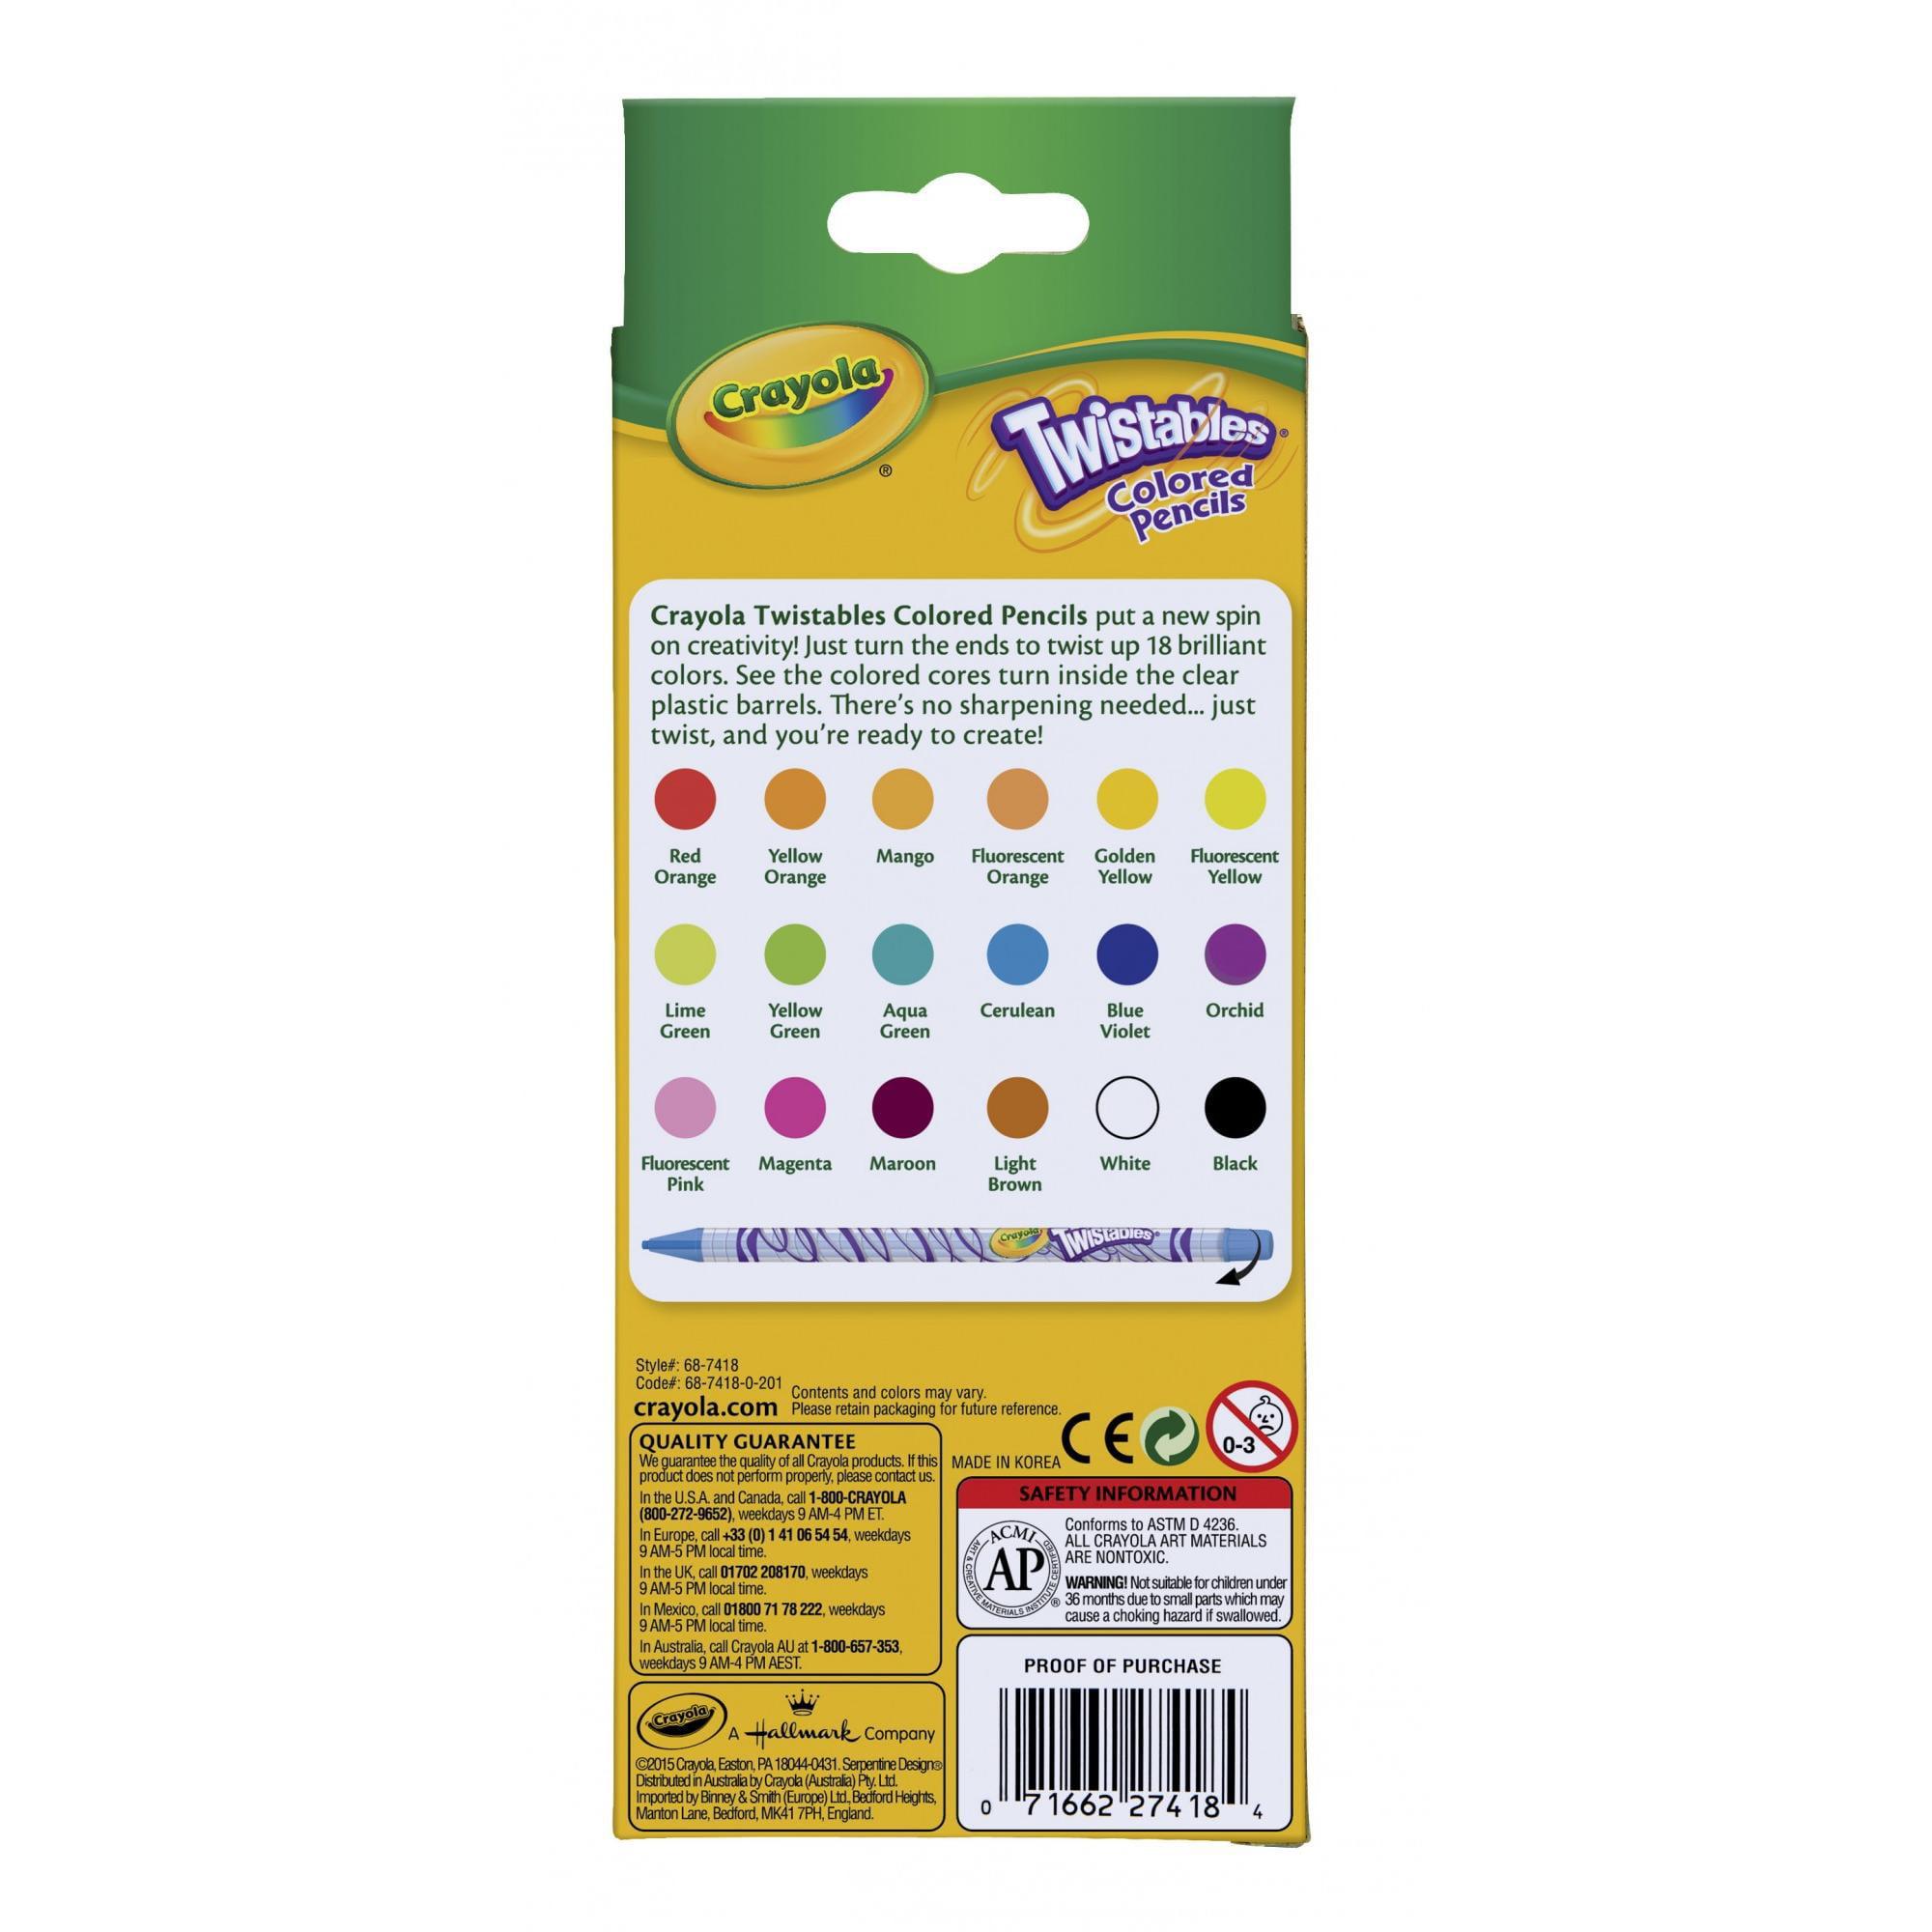 crayola twistables colored pencils walmartcom - Crayola Colored Pencils Twistables